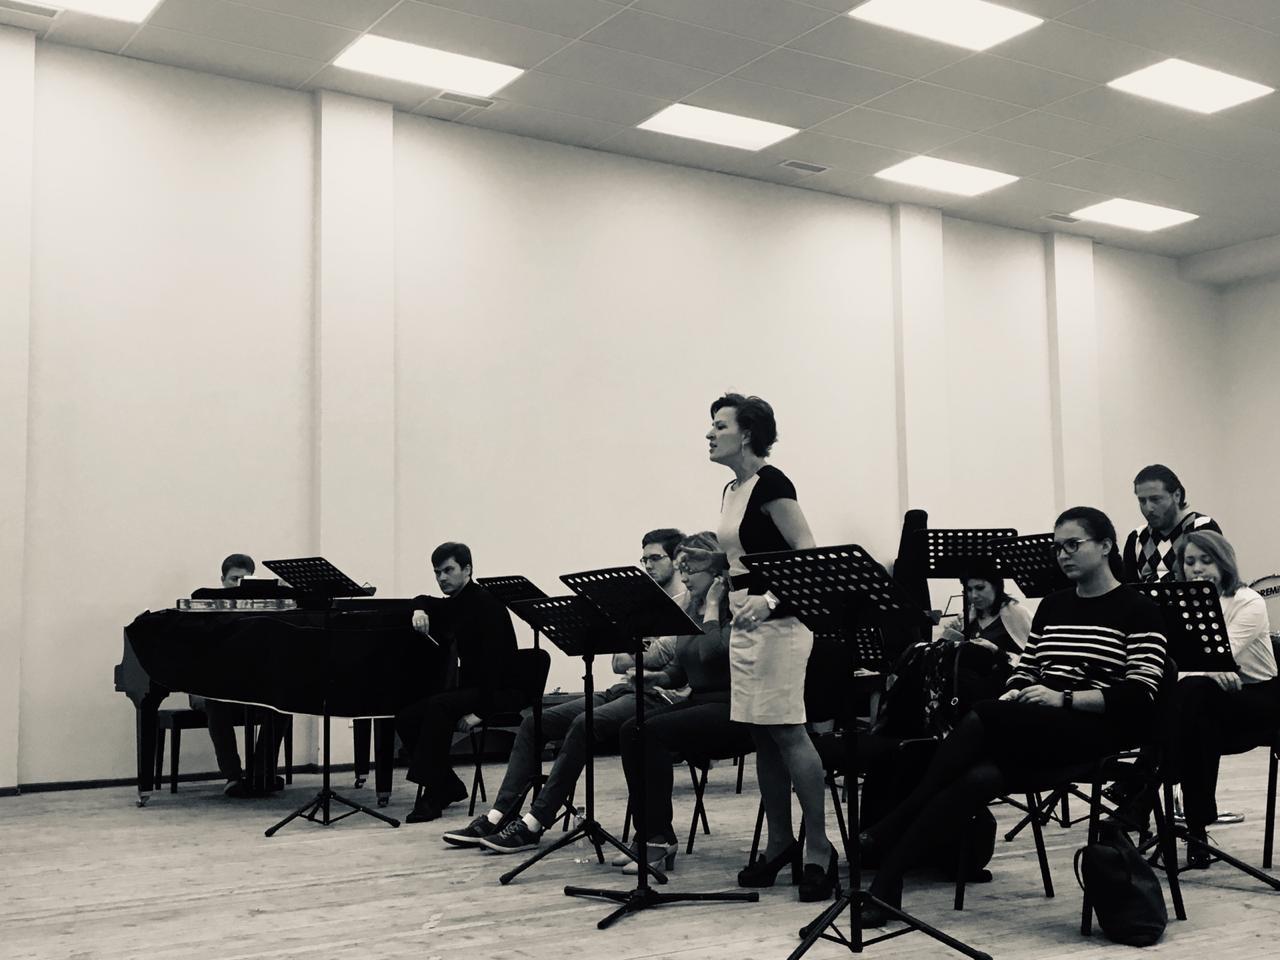 Оперная труппа готовится к премьере оперы Дж. Верди «Трубадур»